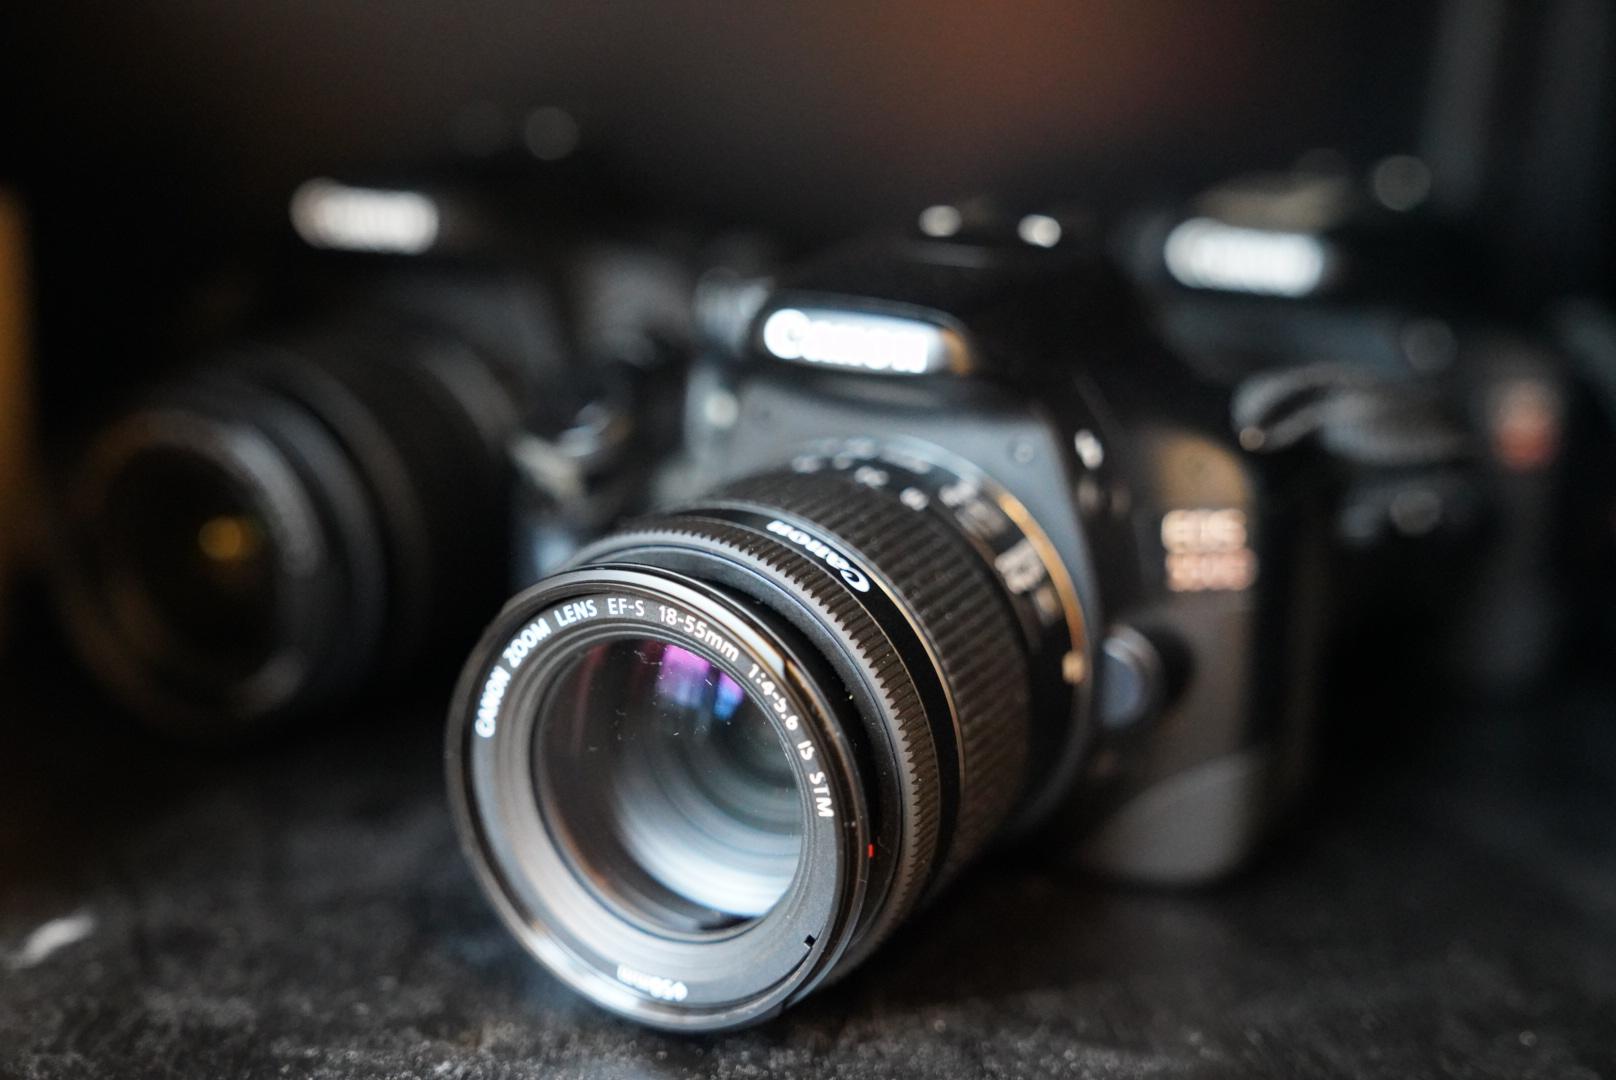 Medialab fotokamera